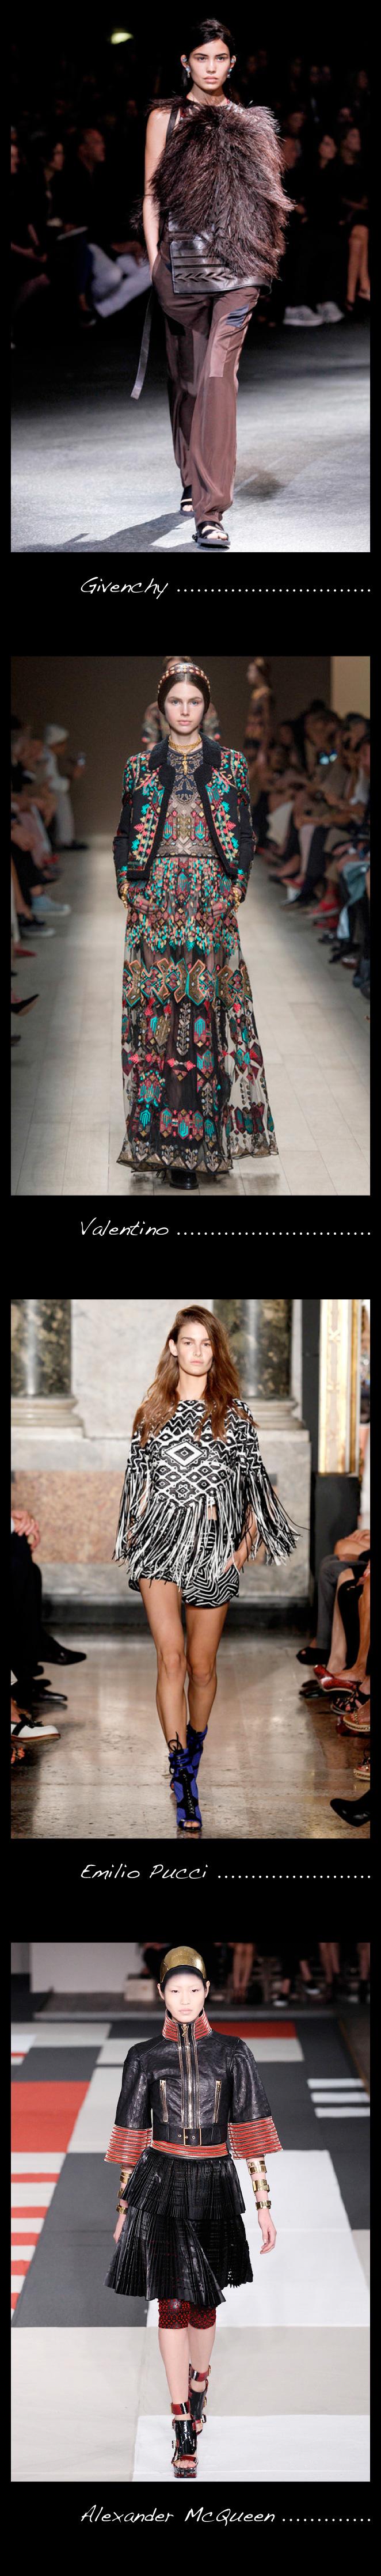 María León nos presenta es estilo étnico de las principales firmas de moda.